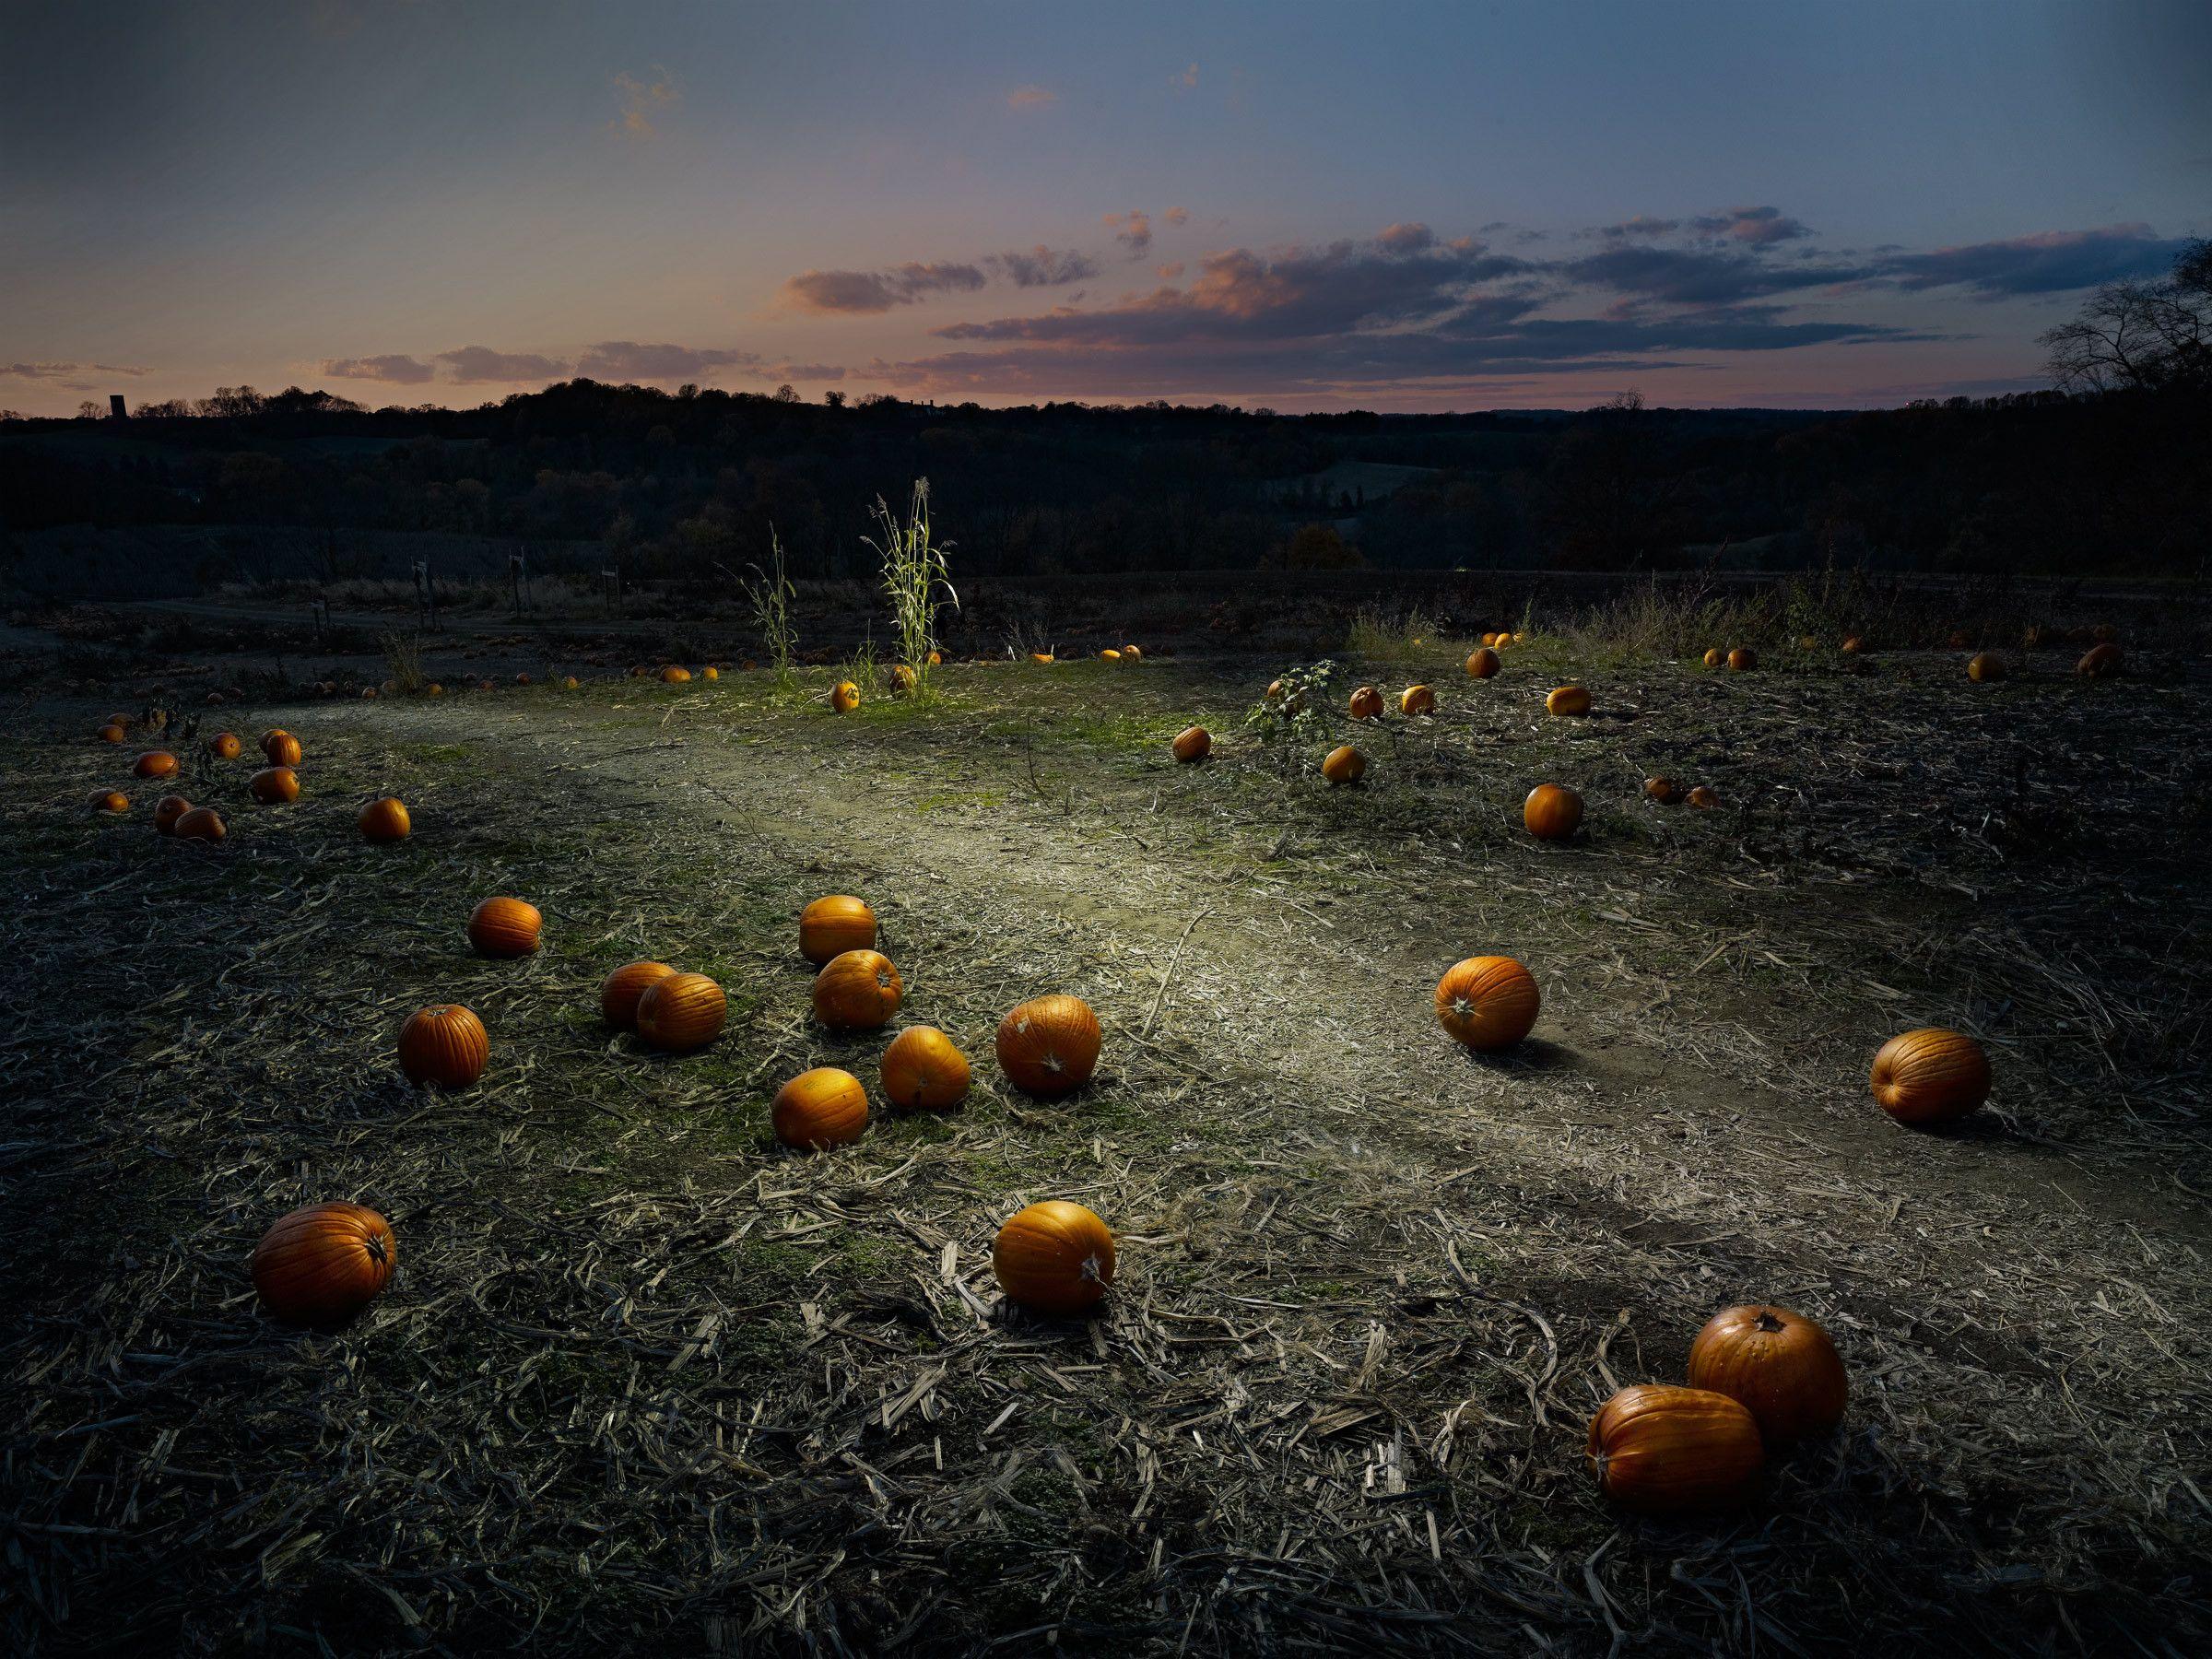 Landscape #24 by Harold Ross